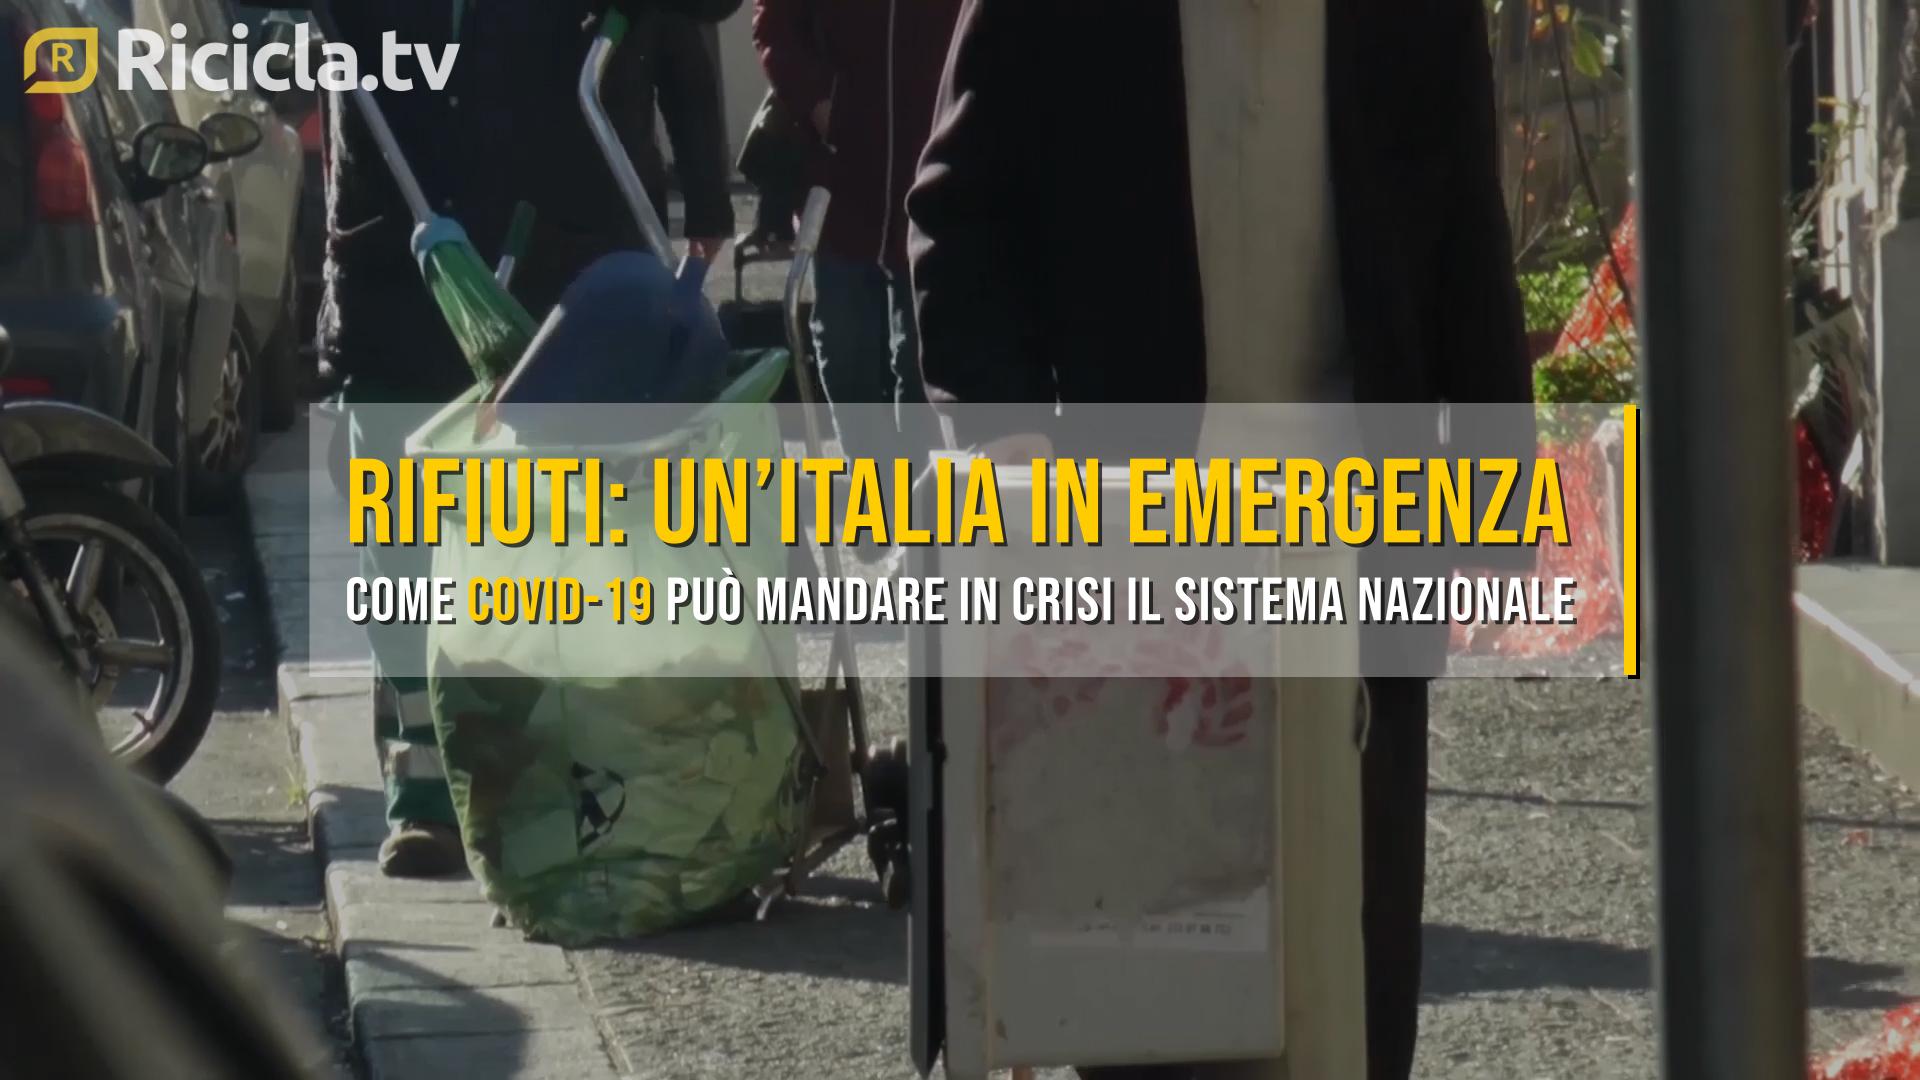 COVID-19 E RIFIUTI: UN'ITALIA IN EMERGENZA